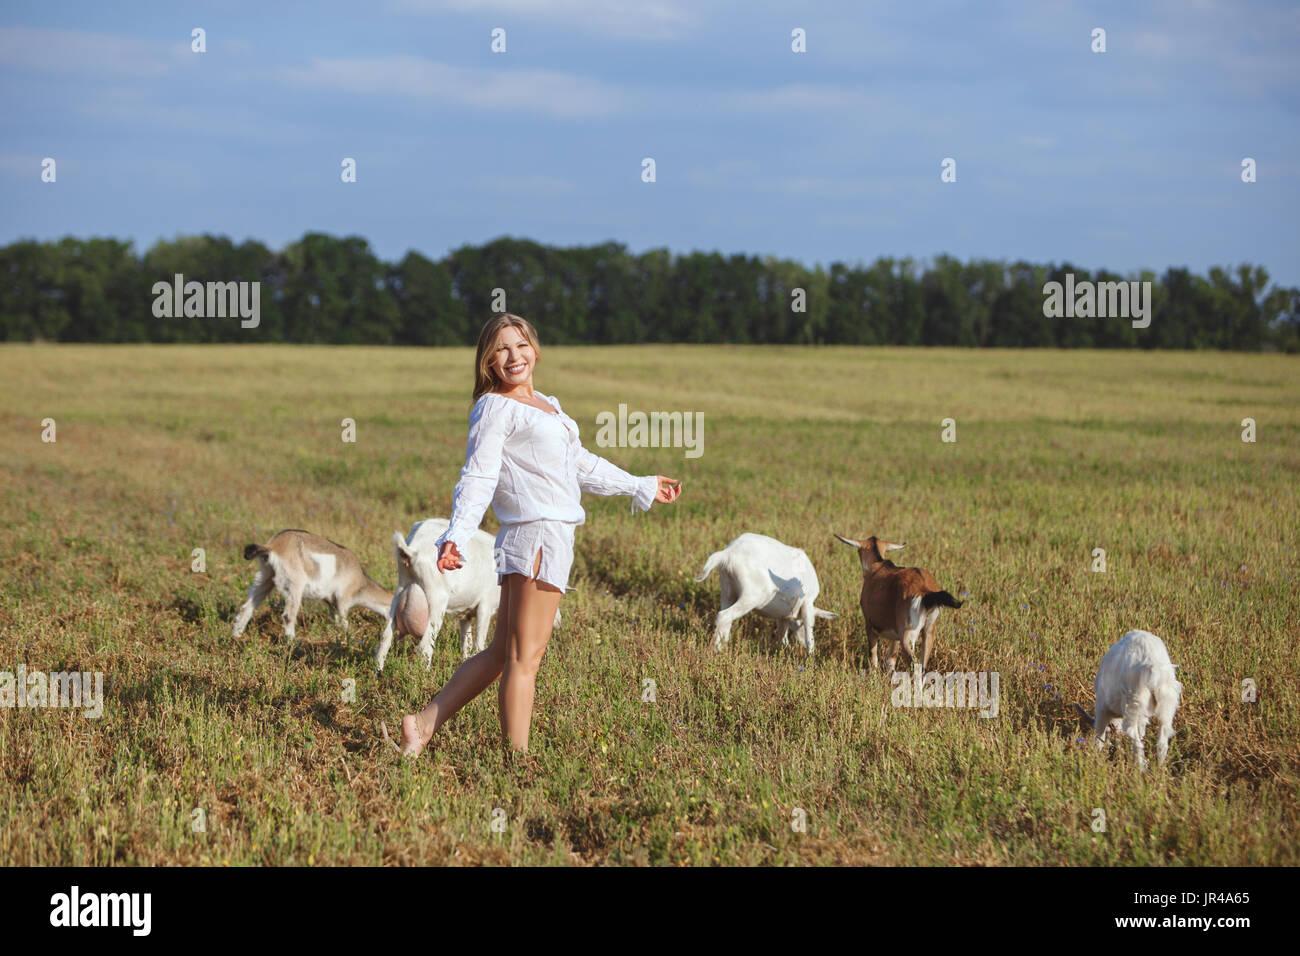 Goats graze in a meadow, woman walking beside him. - Stock Image